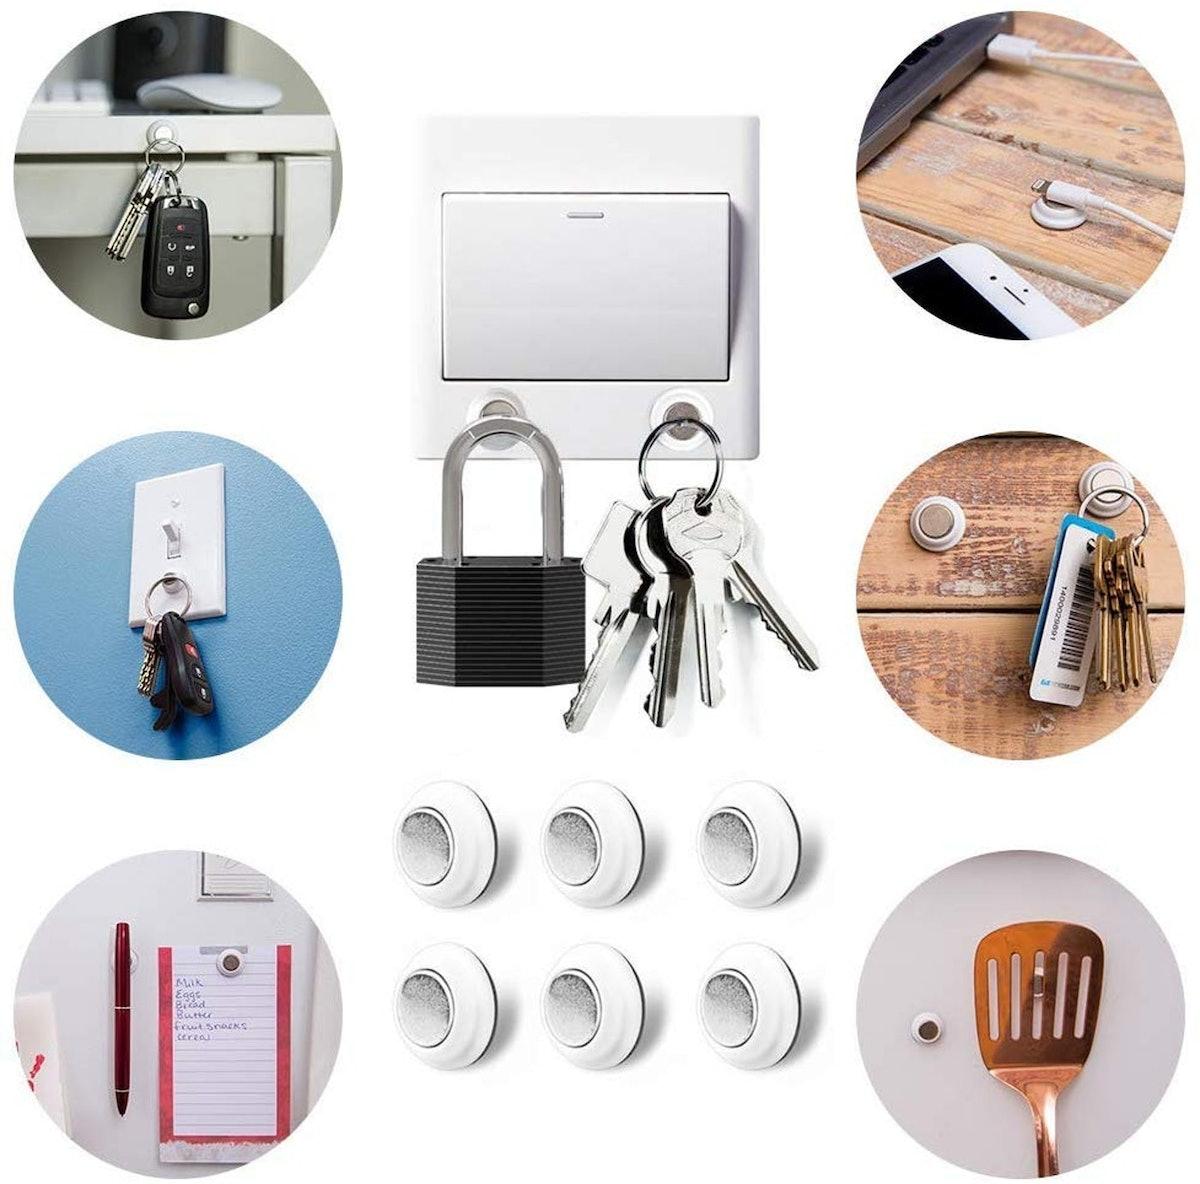 Tescat Magnetic Key Holder (Pack of 12)